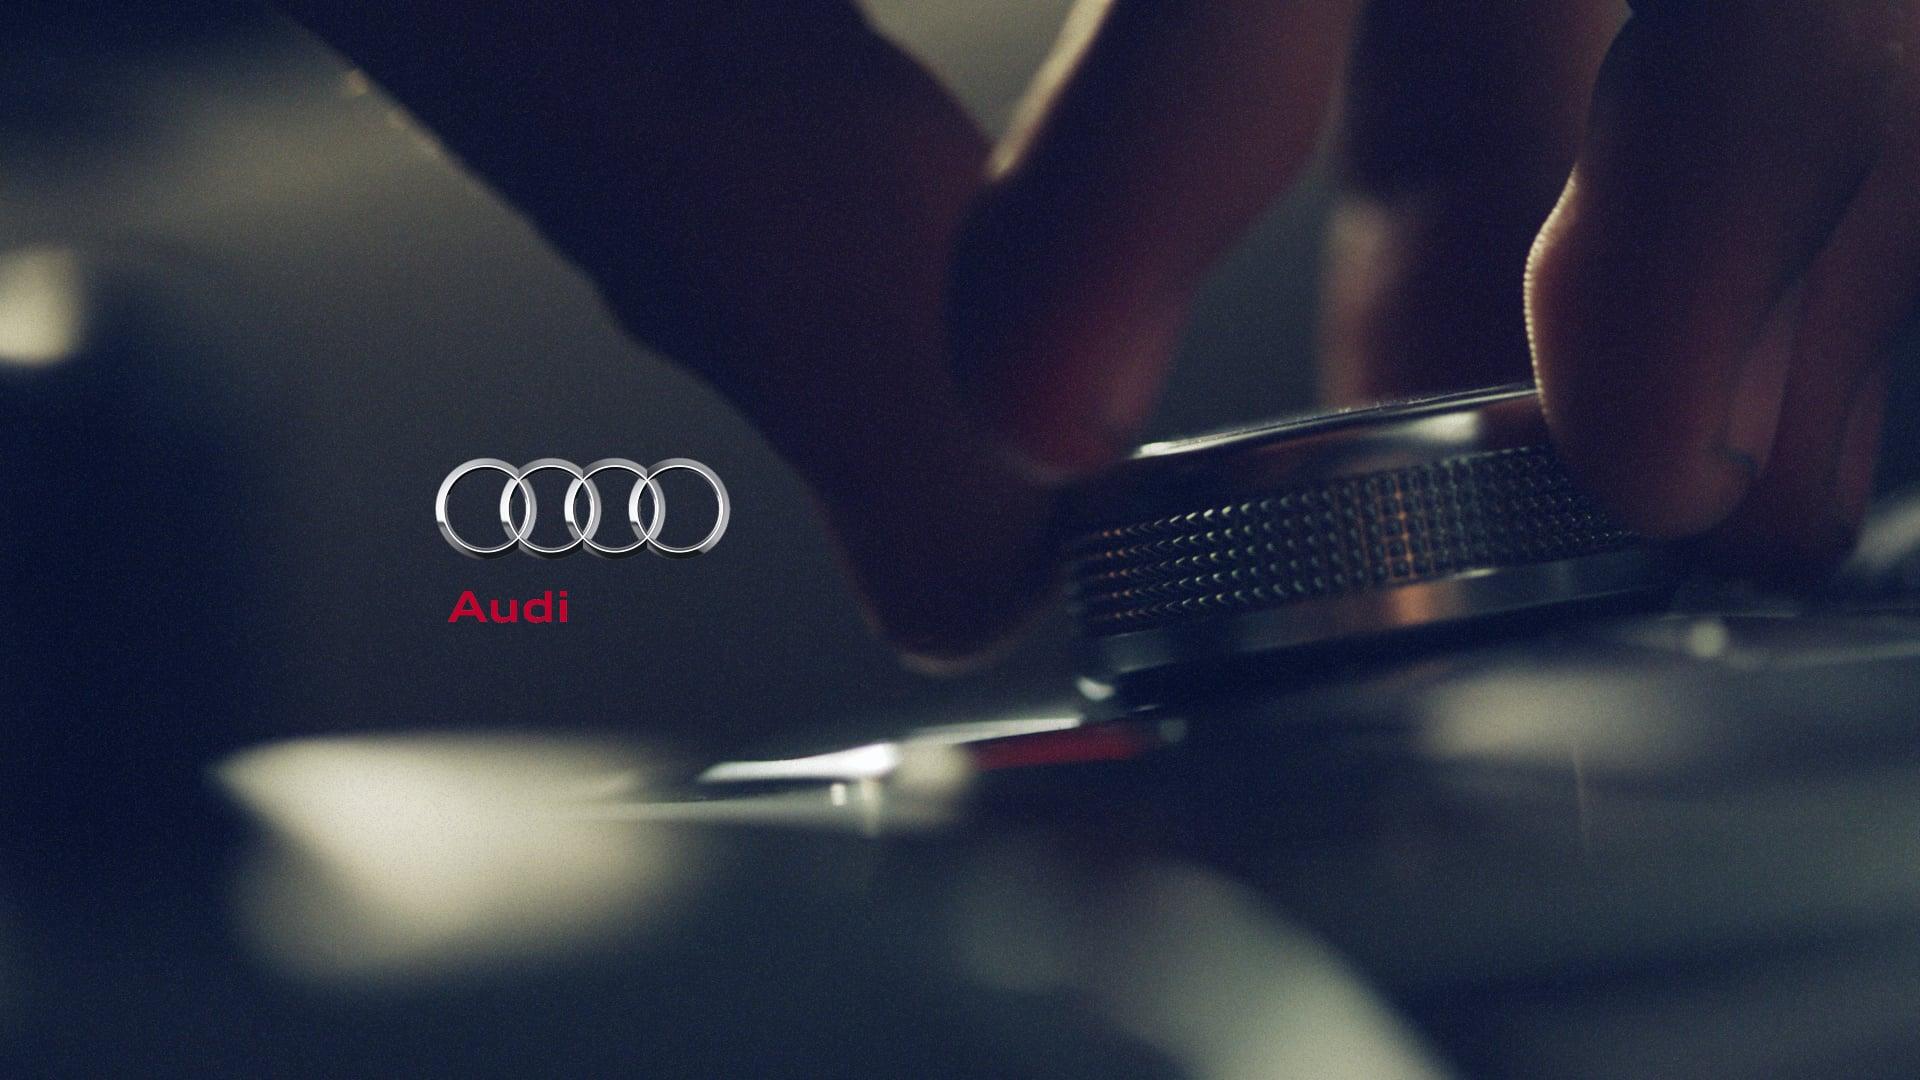 Audi Social promo